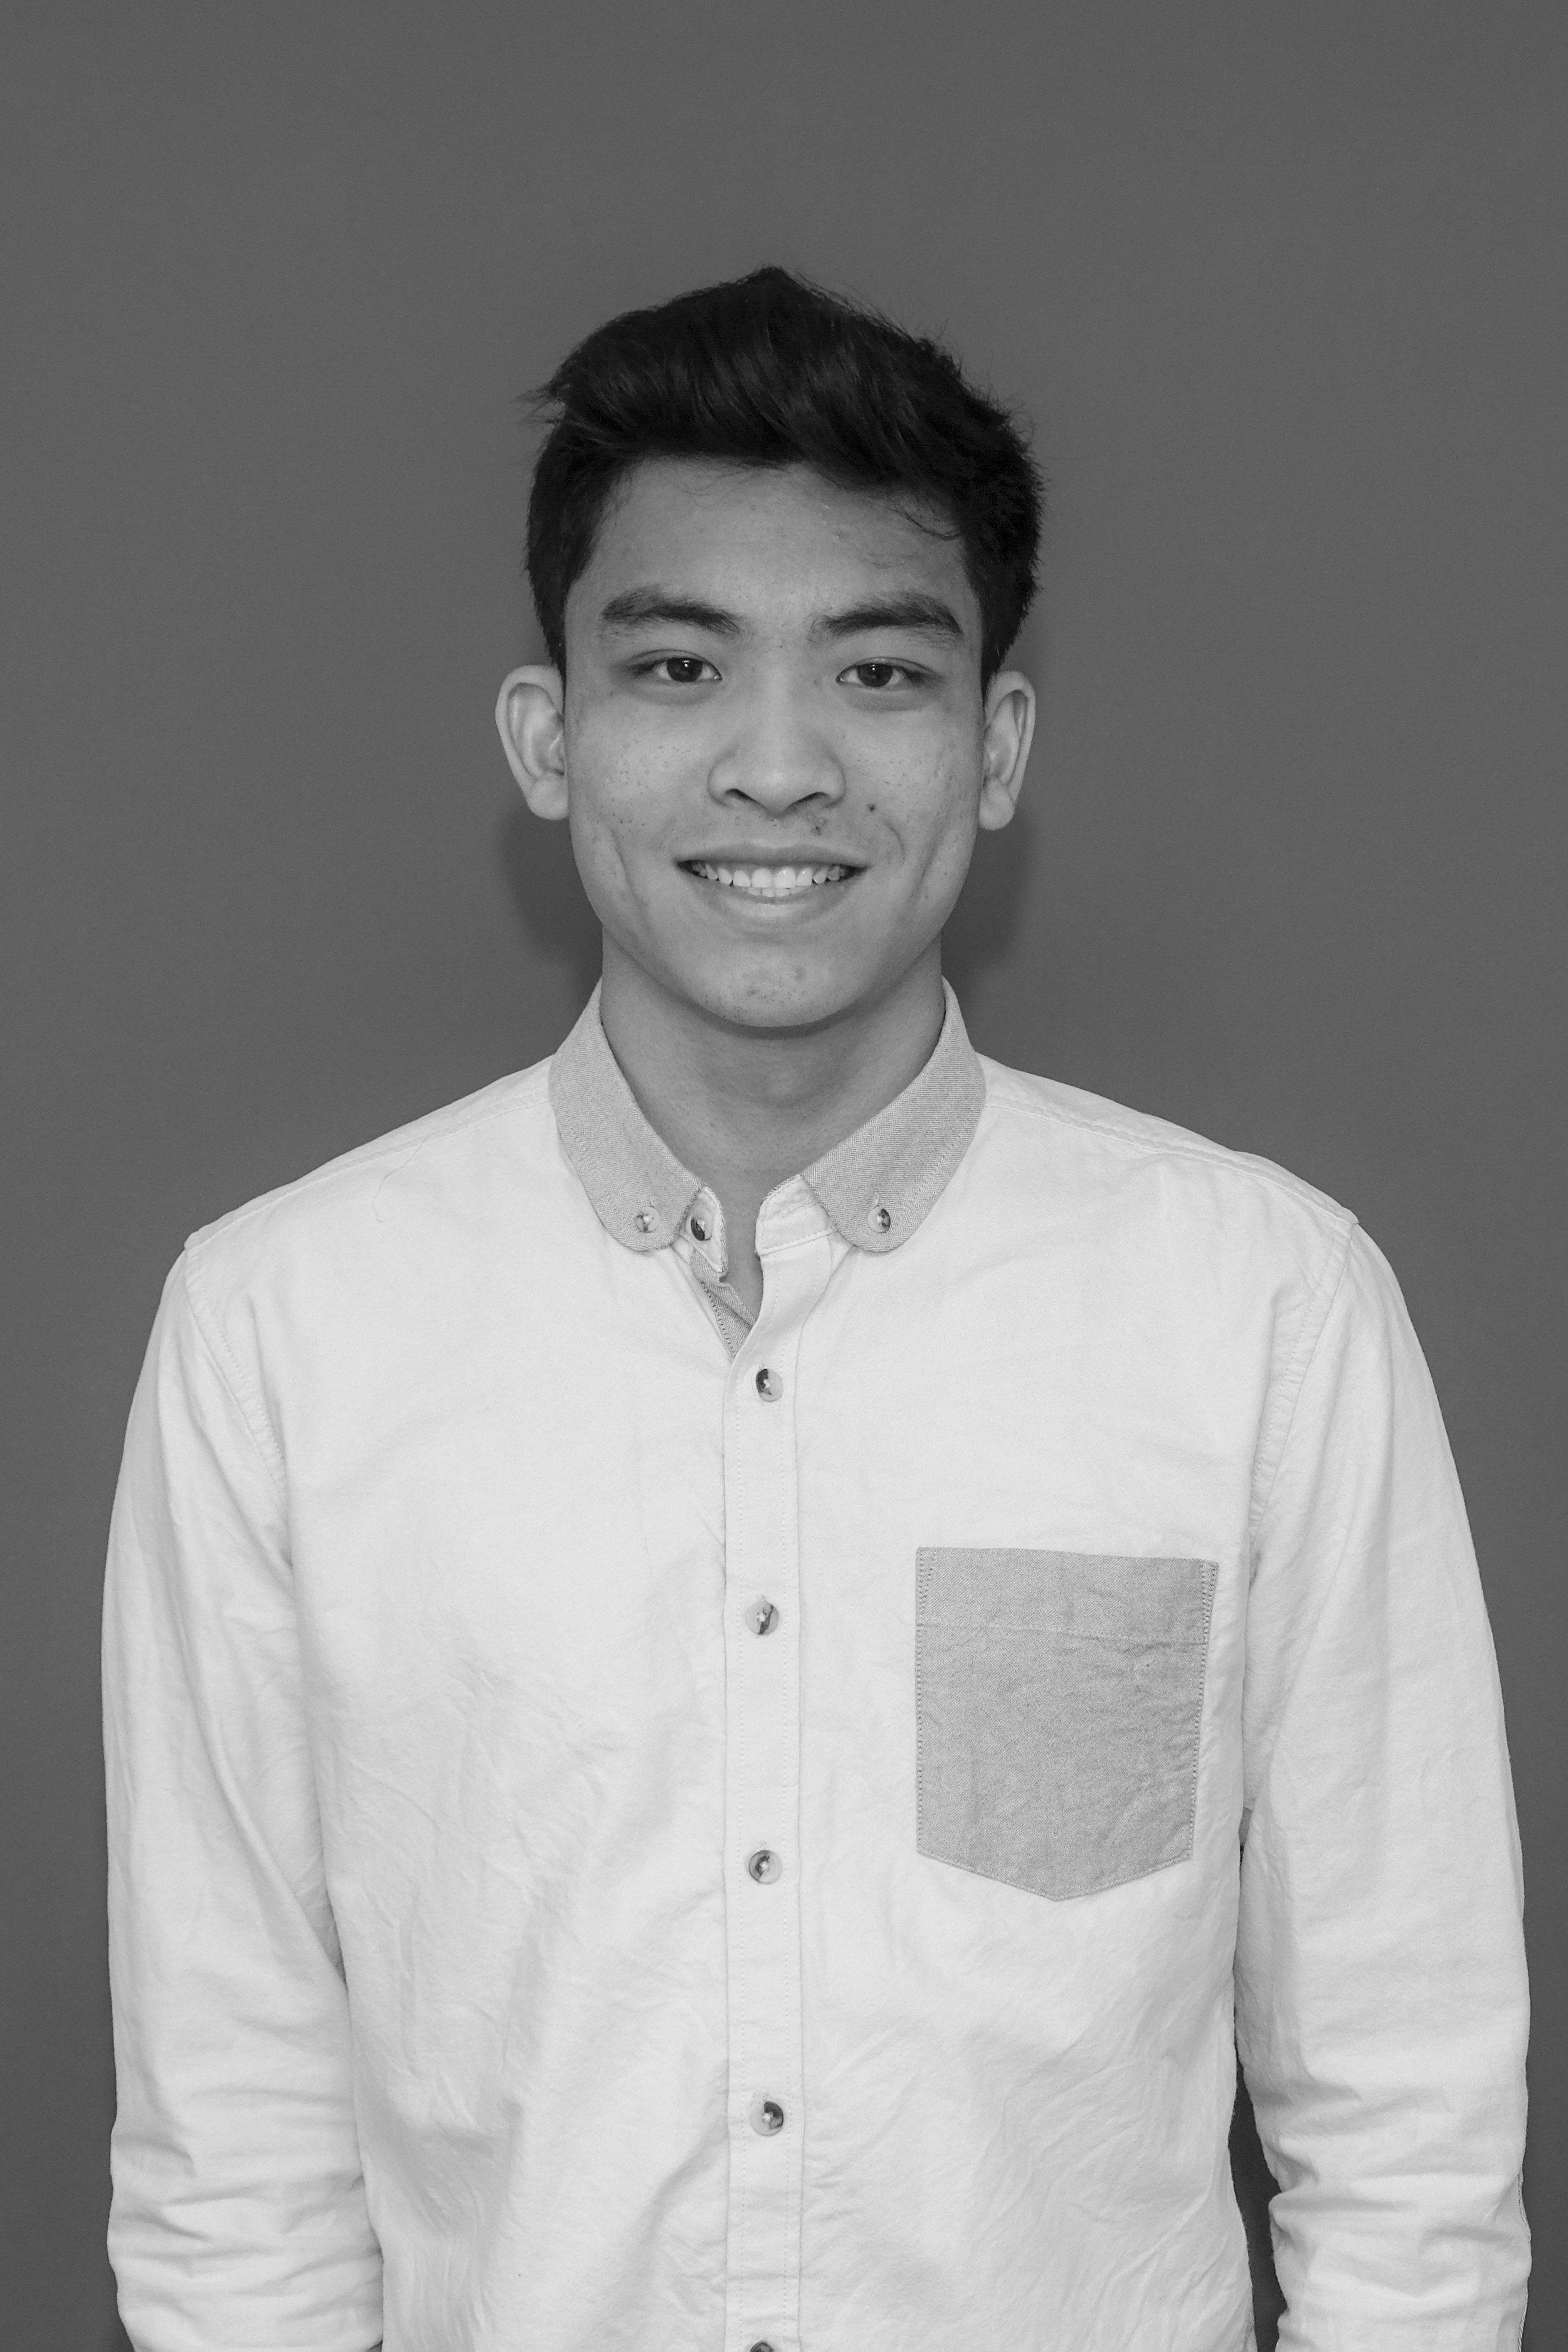 Hermes Lee - Marketing Assistant